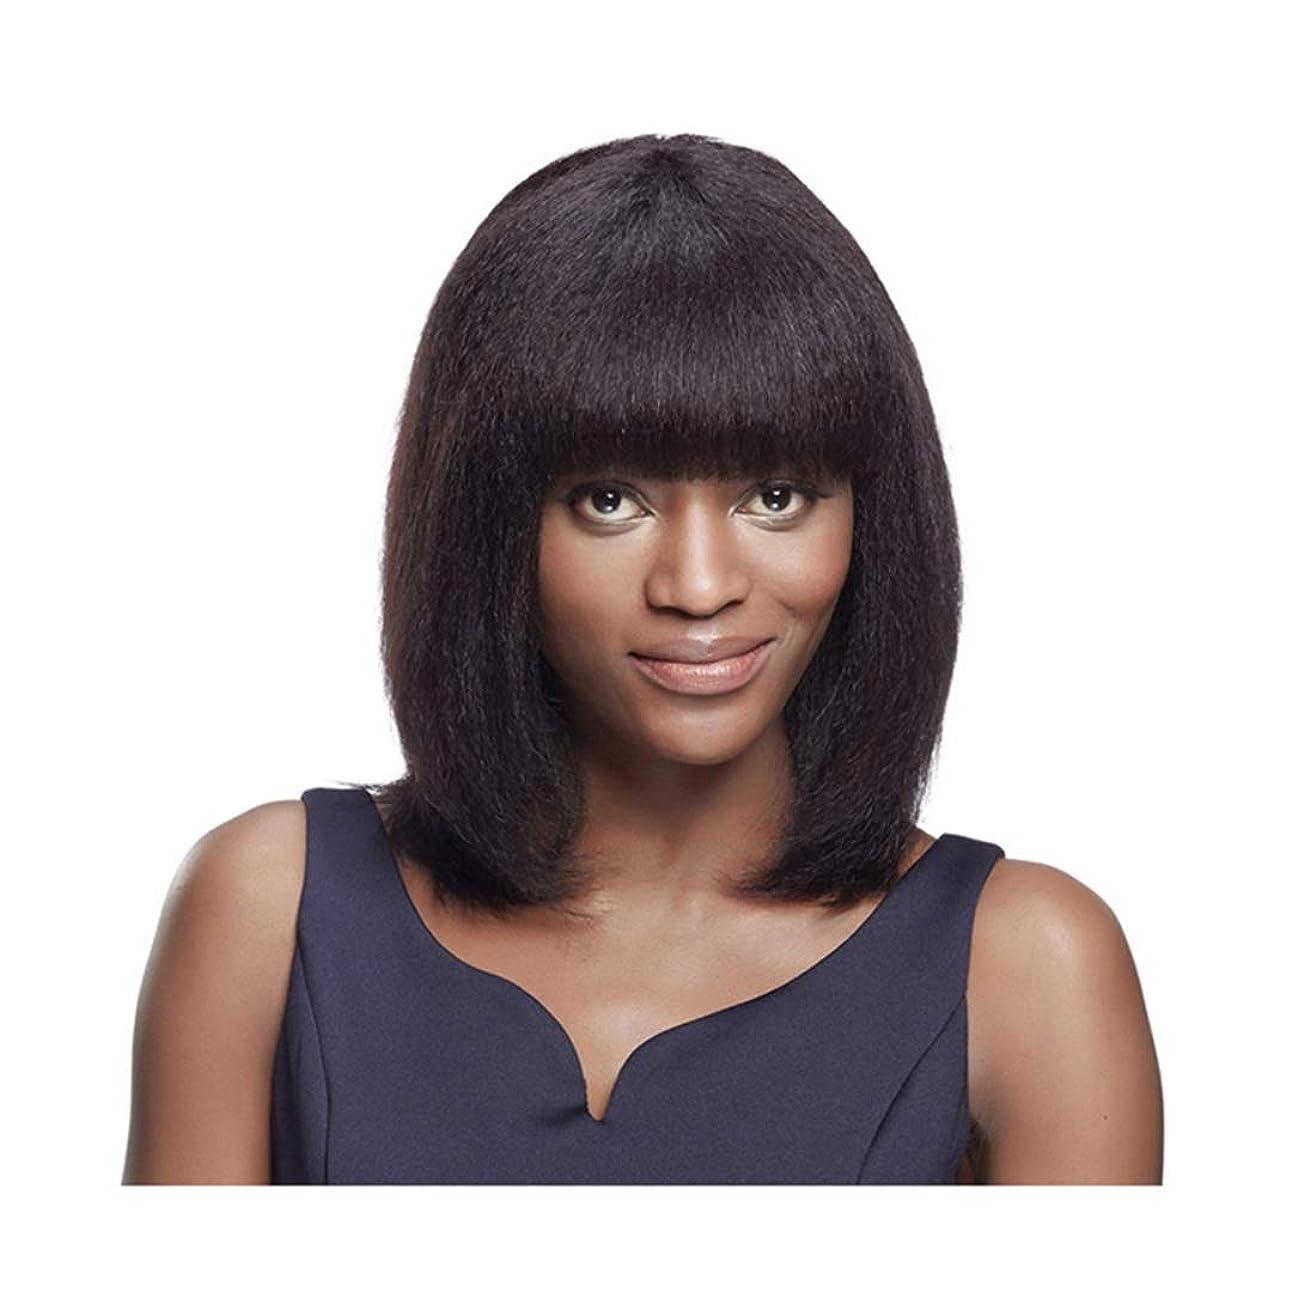 着服懲戒空白Kerwinner レディースショートヘアふわふわナチュラルウェーブヘッドと前髪ウィッグセット